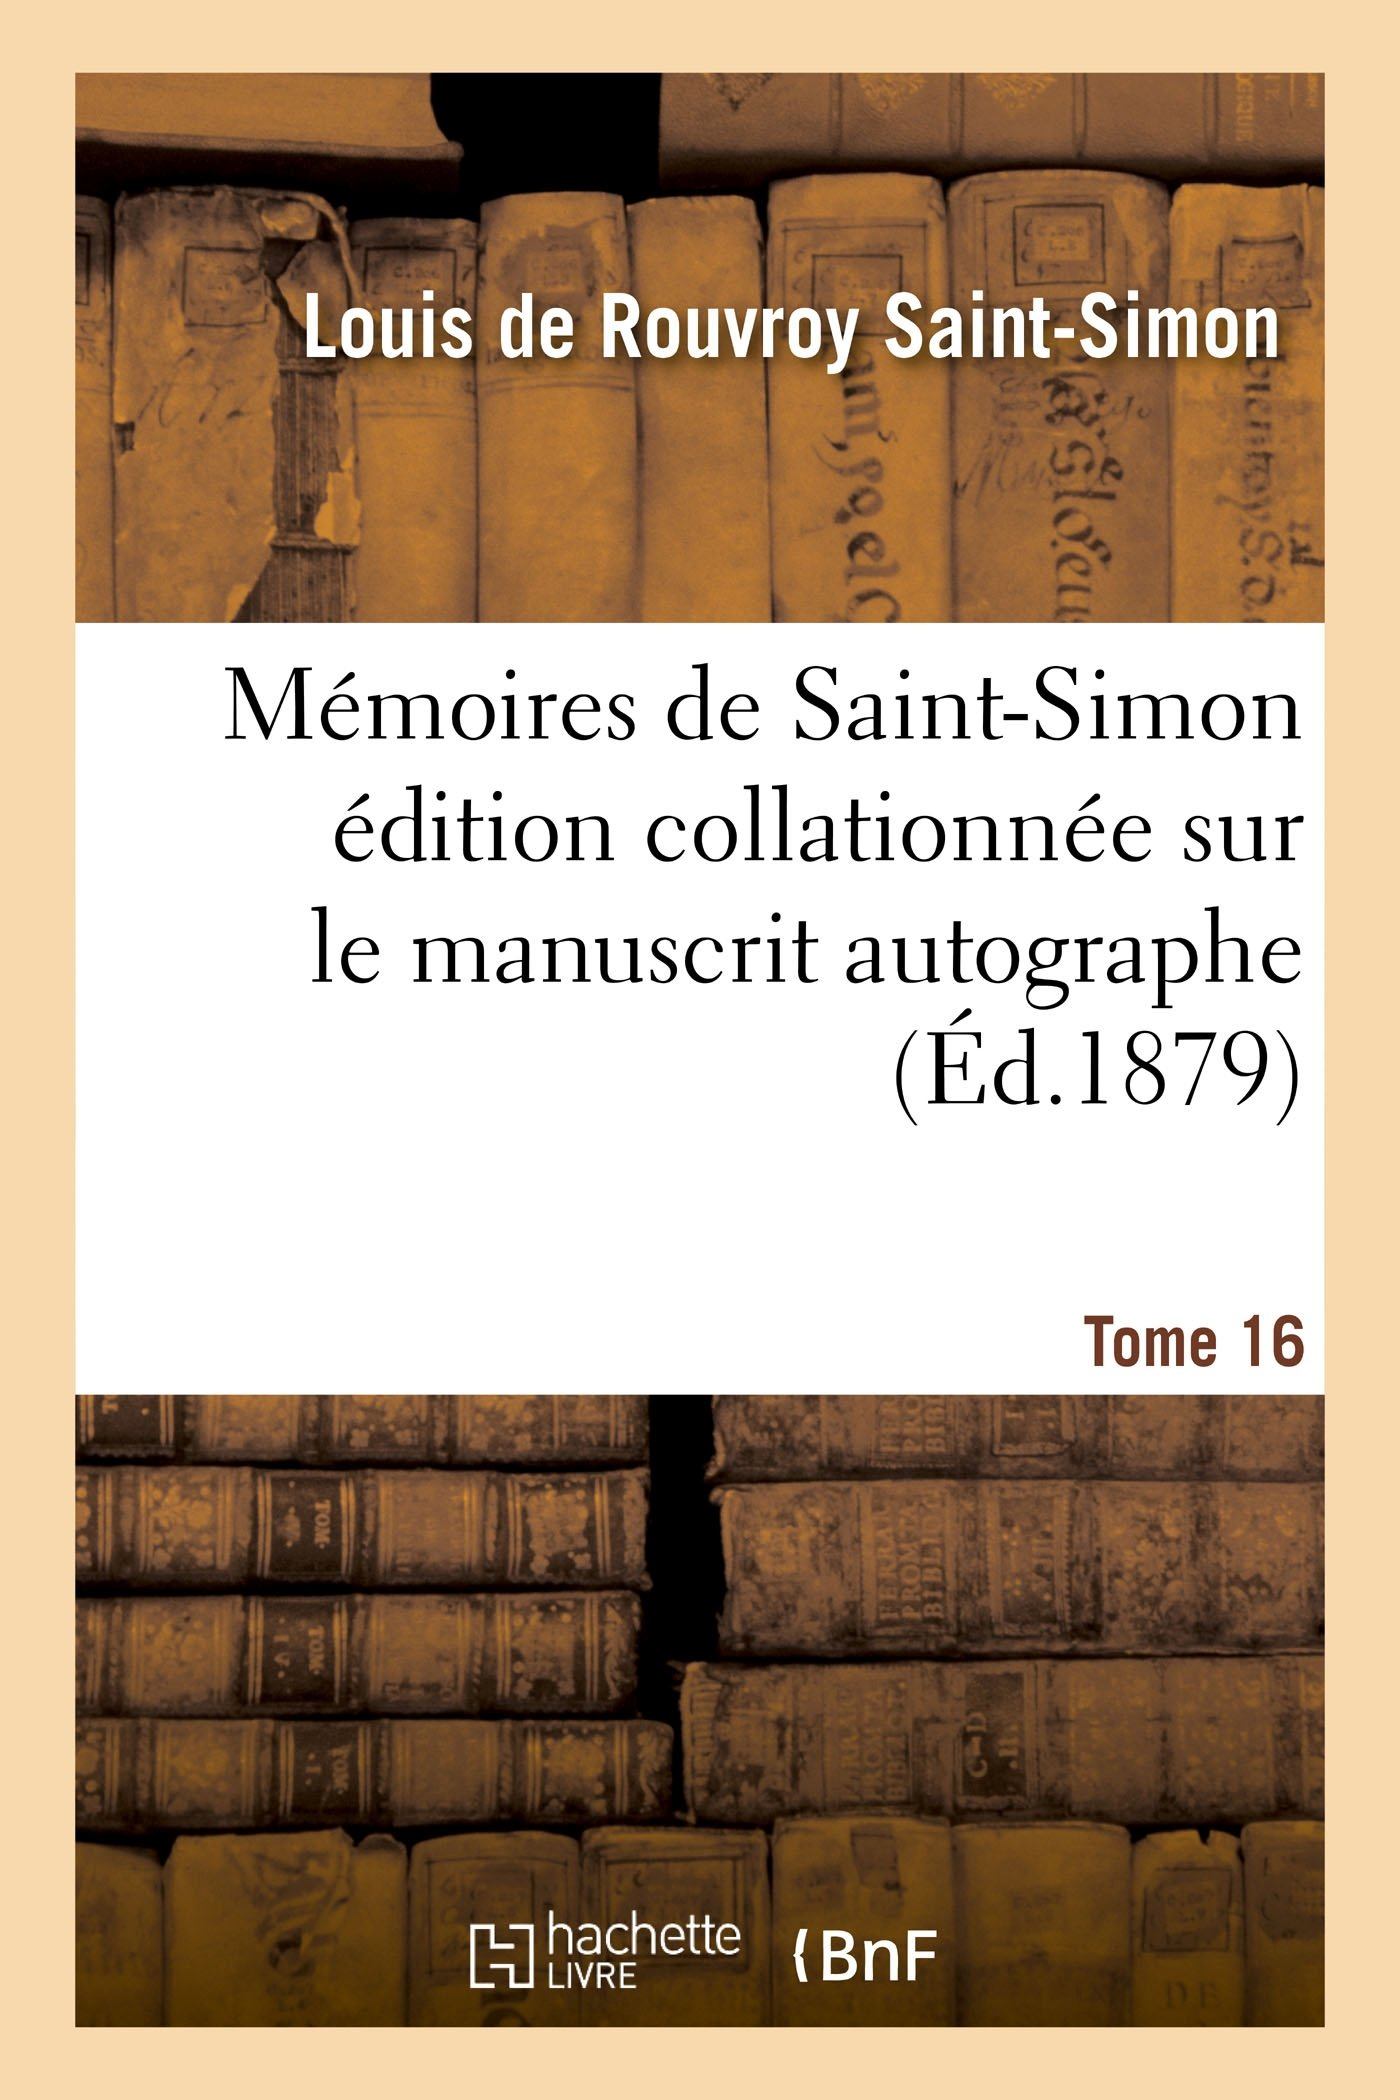 Download Mémoires de Saint-Simon Édition Collationnée Sur Le Manuscrit Autographe Tome 16 (Histoire) (French Edition) ebook